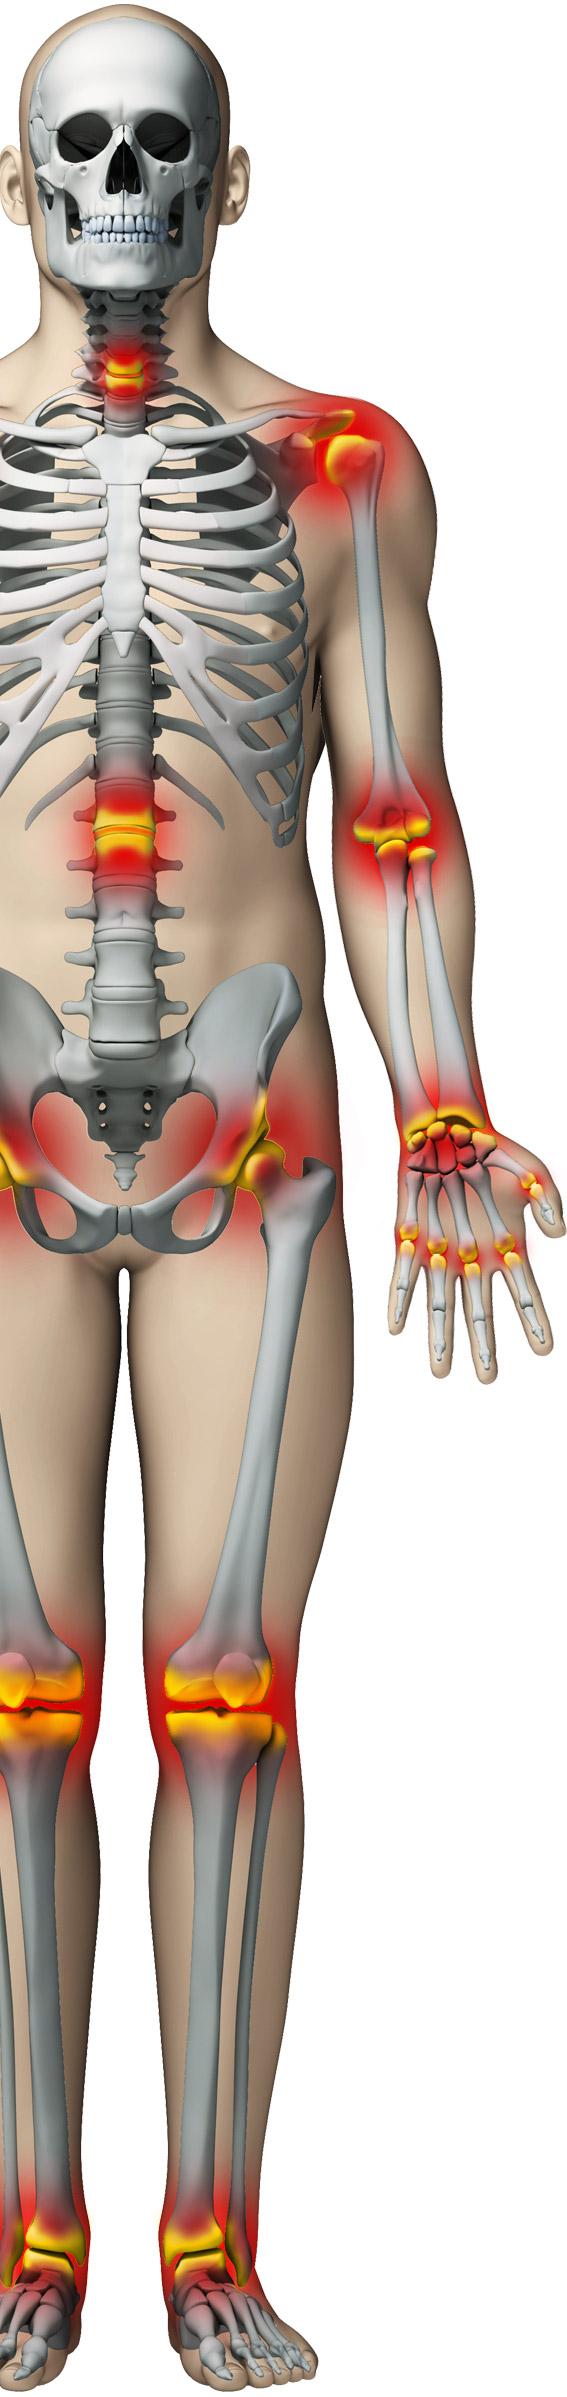 De ce iese genunchiul din articulație